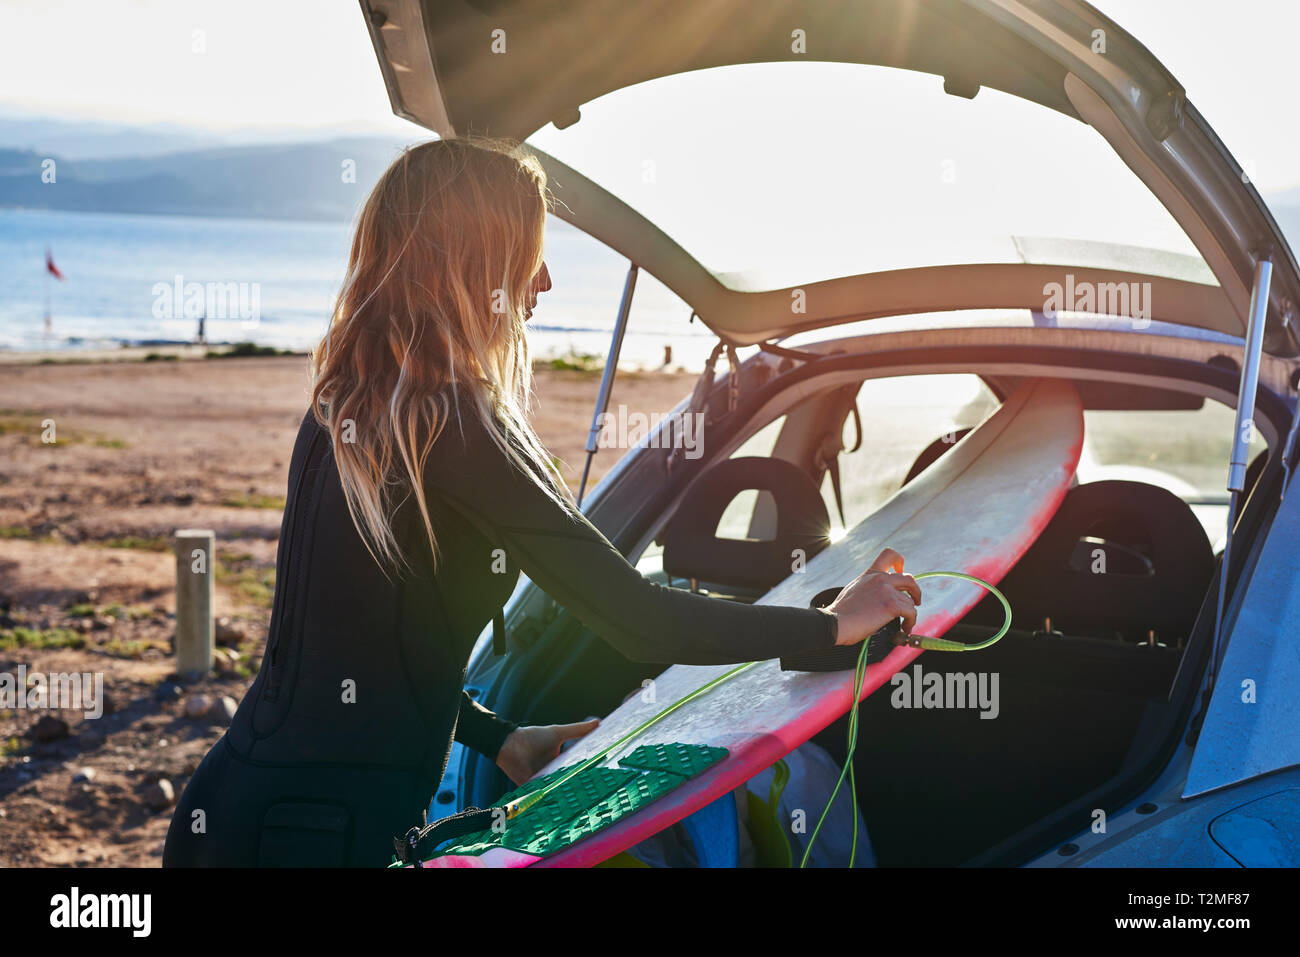 Giovane donna rimozione surfboard dal bagagliaio della vettura Foto Stock